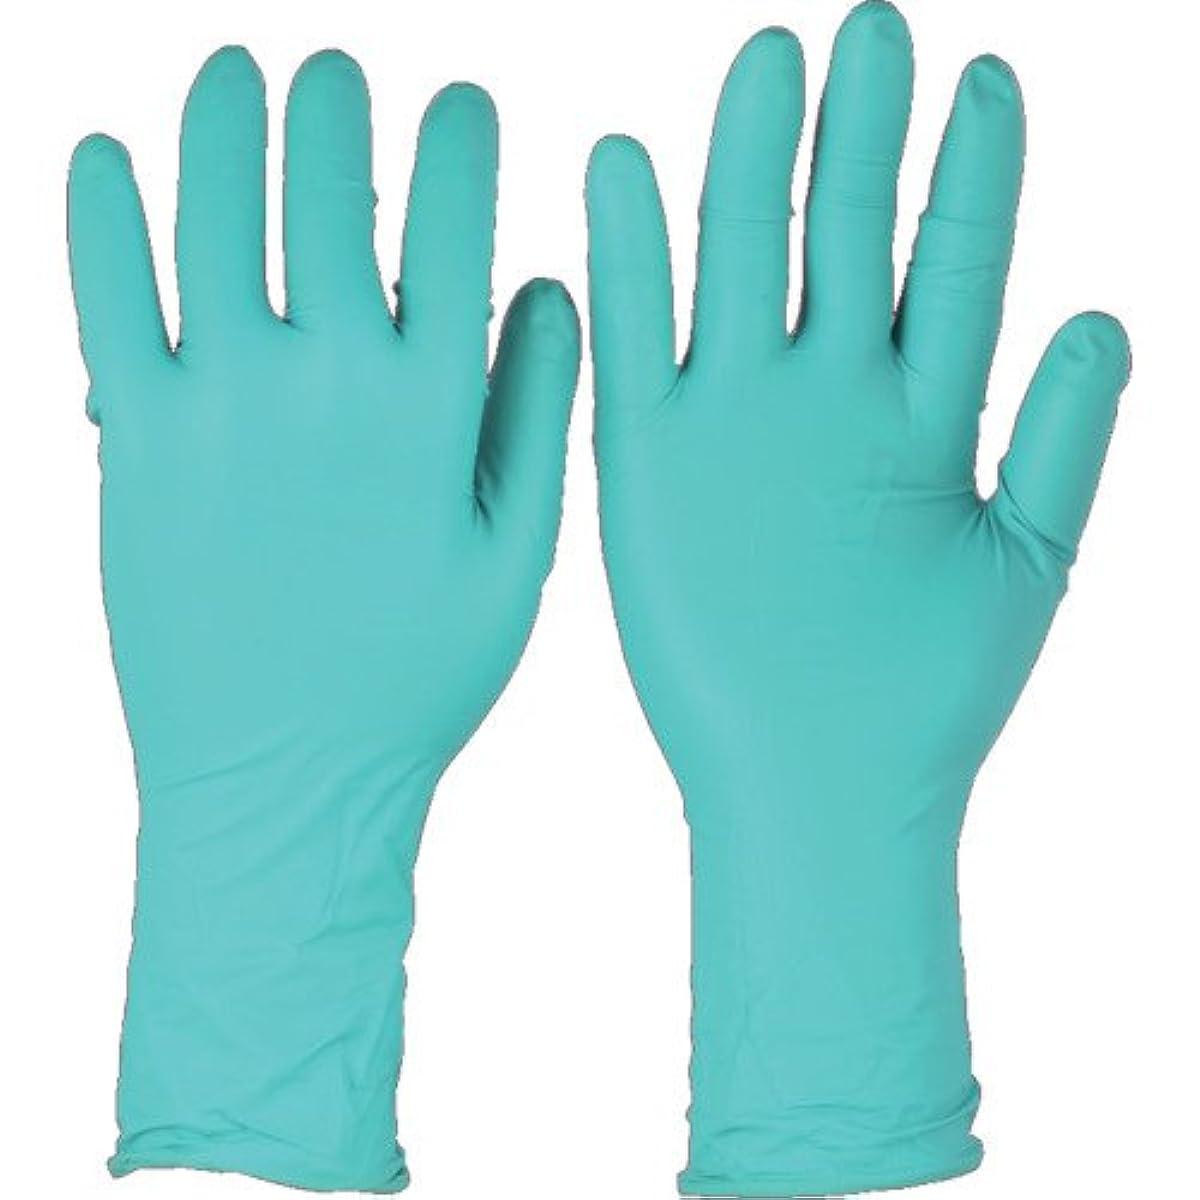 ジーンズレモン女将トラスコ中山 アンセル ネオプレンゴム使い捨て手袋 マイクロフレックス 93-260 Mサイズ (50枚入)  932608